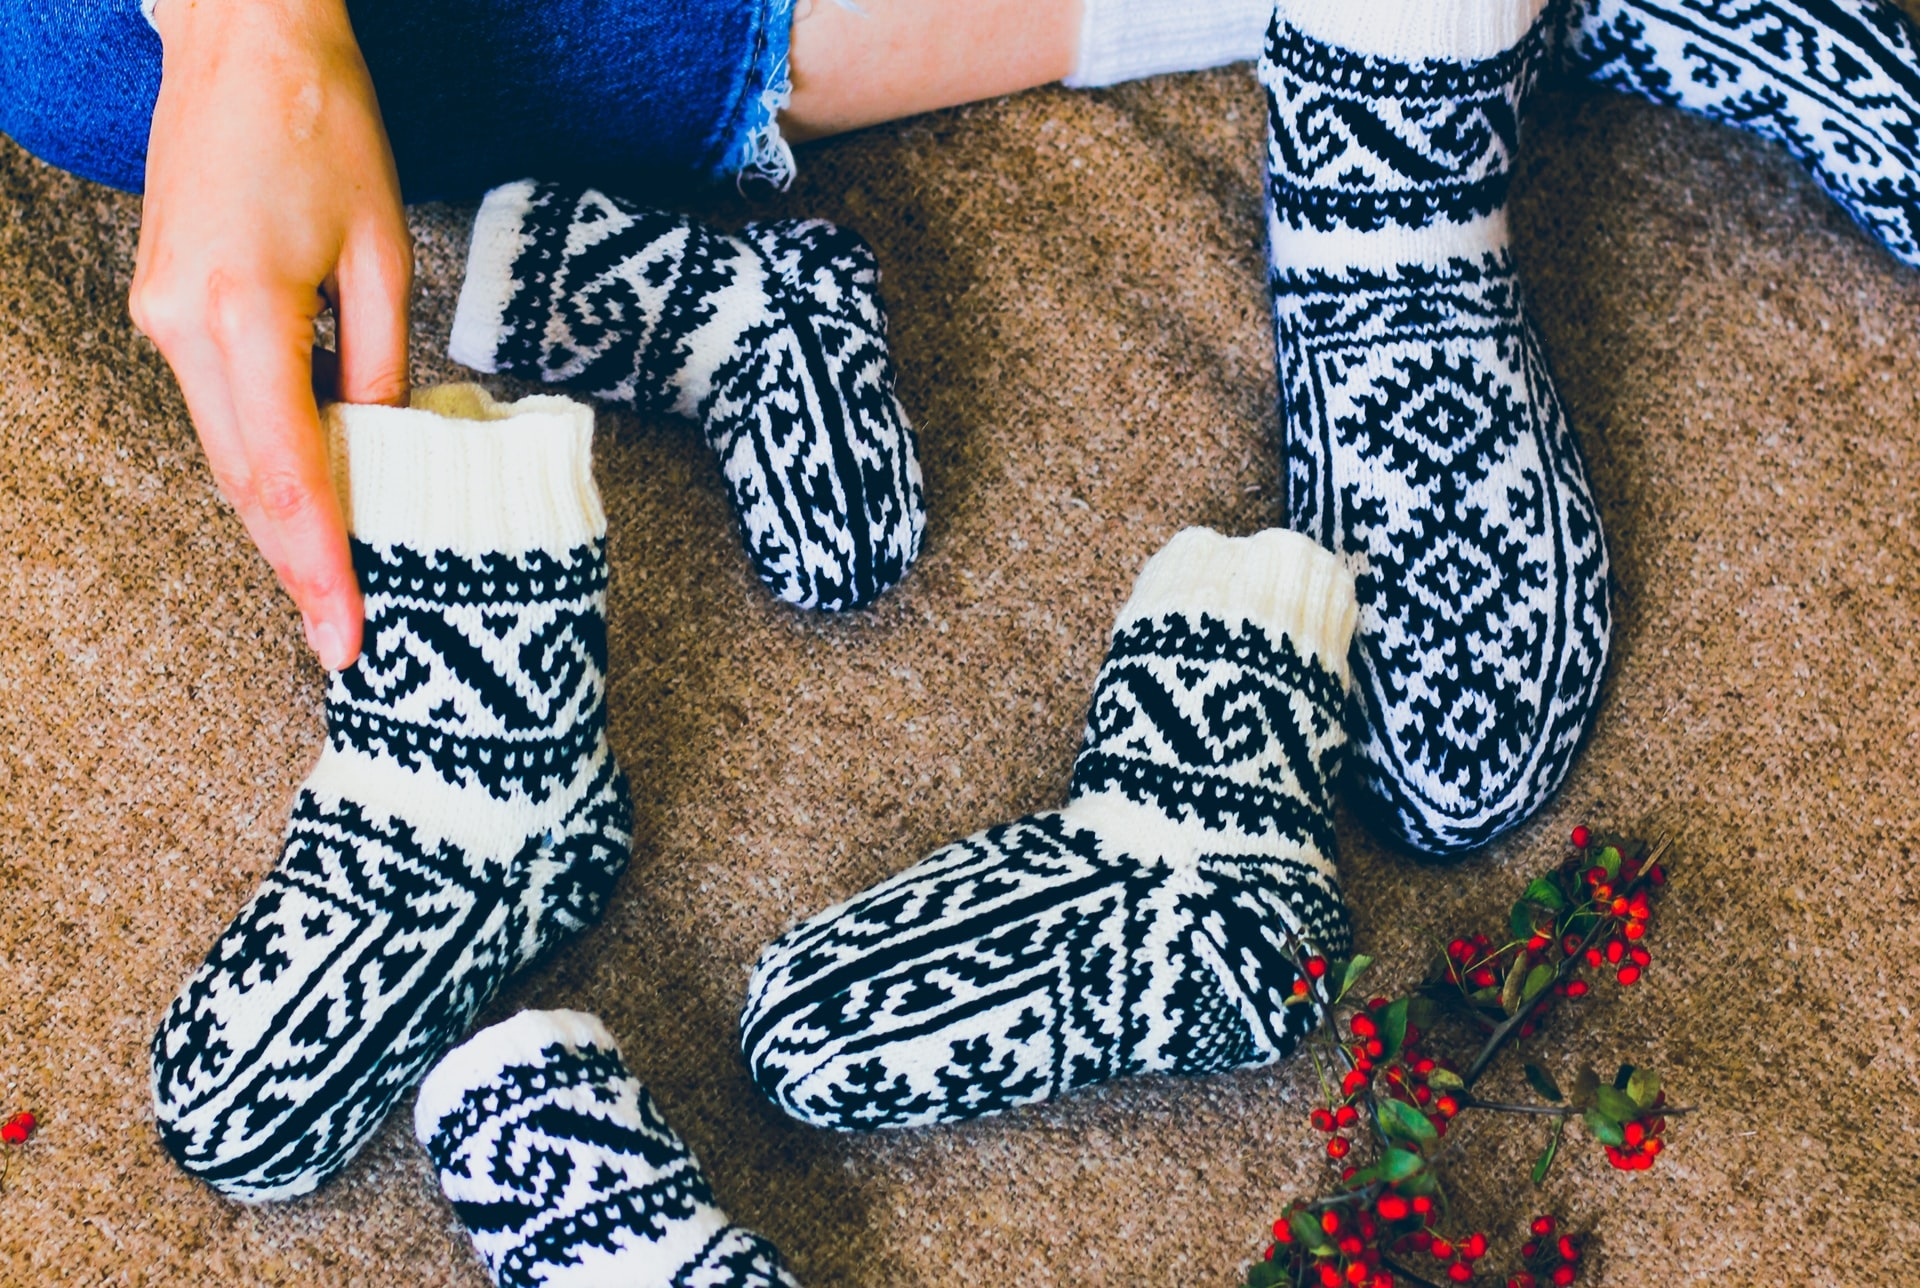 Natural  Socks Manufacturer in Lviv, Ukraine